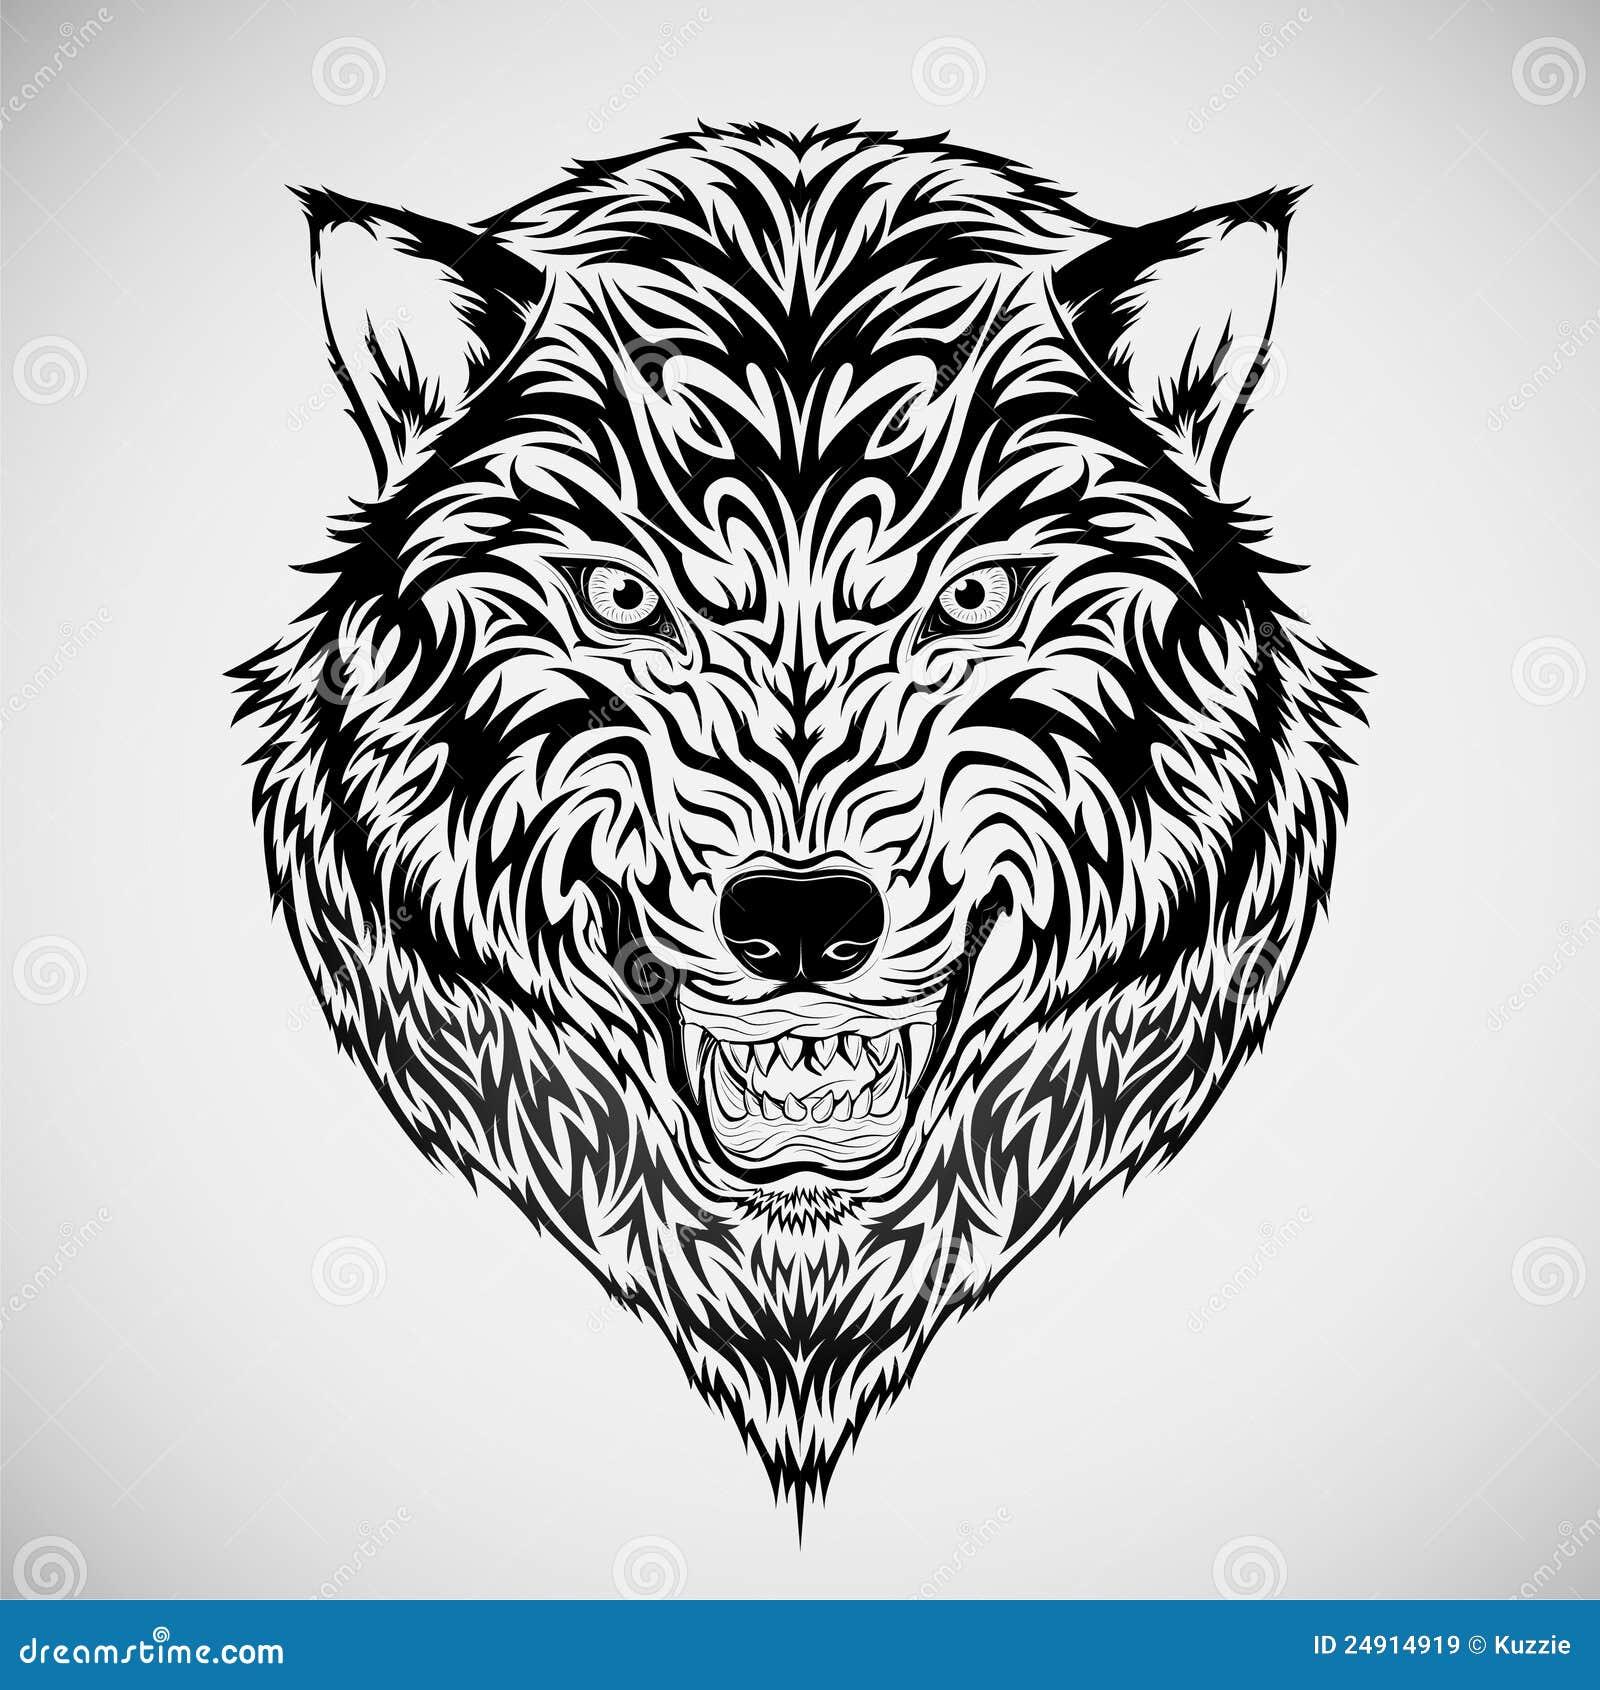 Tatouage tribal de t te de loup images libres de droits image 24914919 - Tete de loup tatouage ...